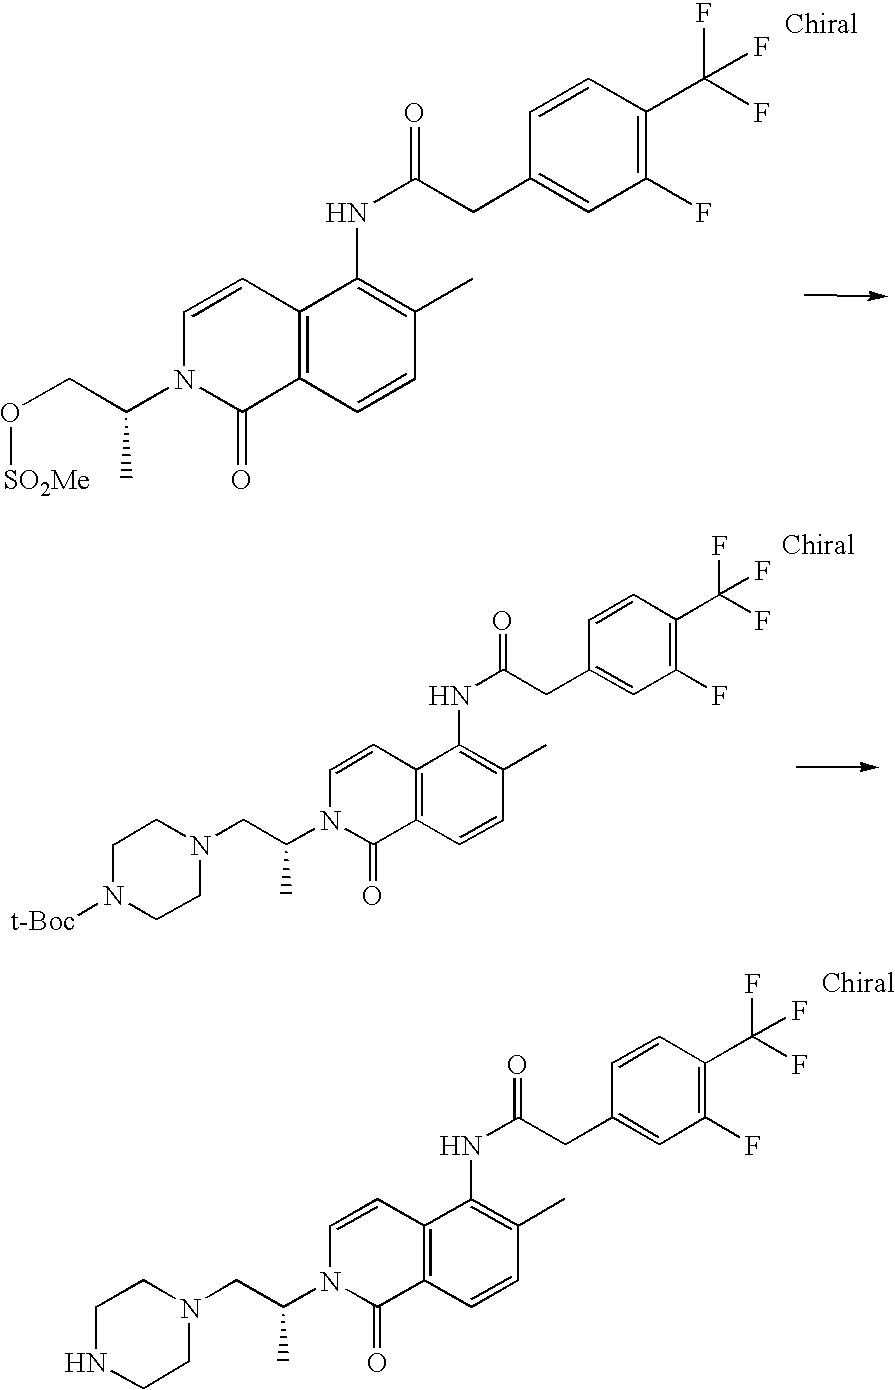 US8093265B2 - Bicycloheteroaryl compounds as P2X7 modulators